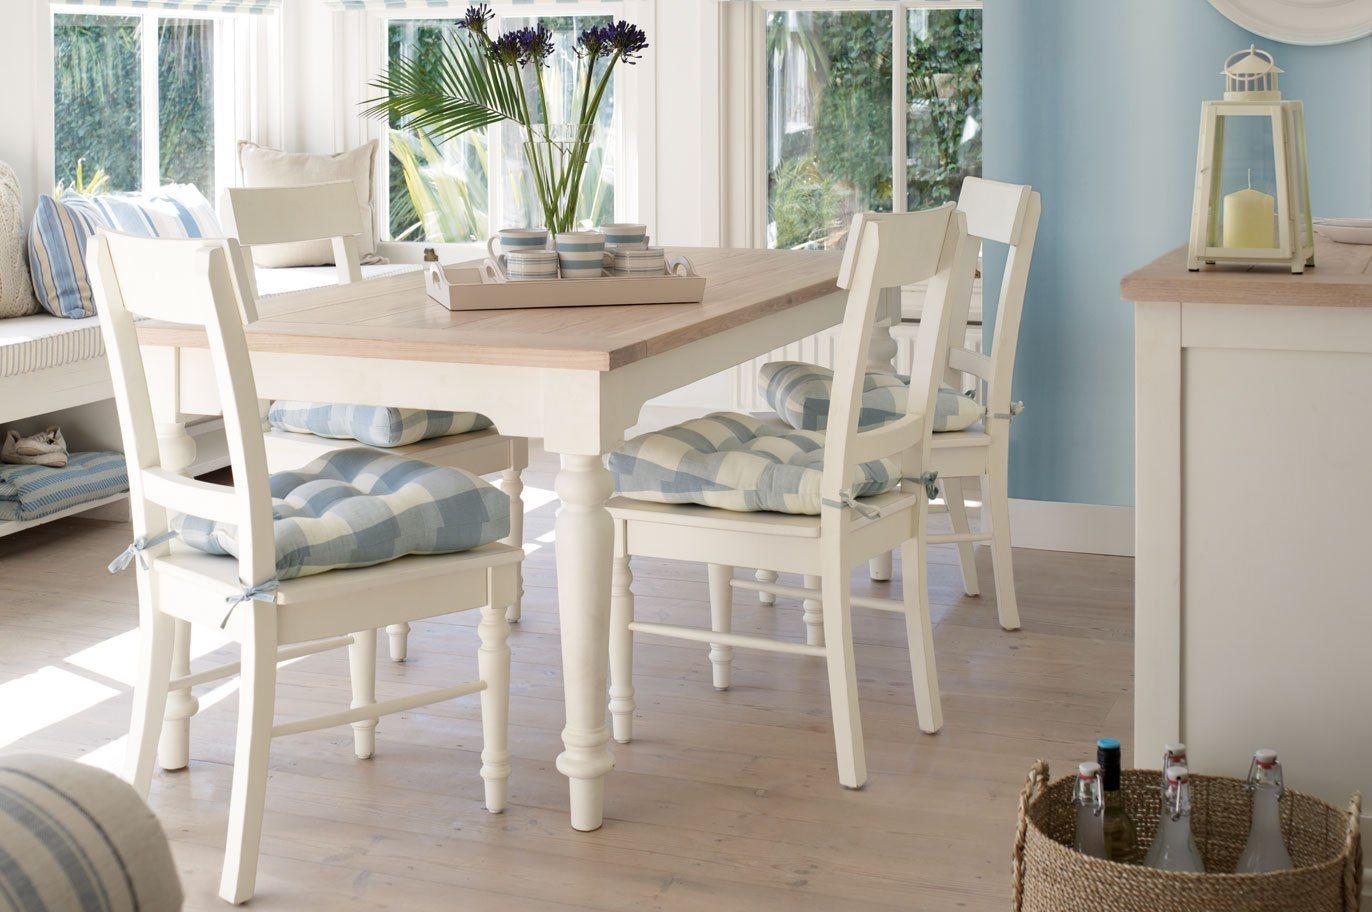 #403427 Móveis para uma cozinha de estilo inglês. Decoração da casa. 1372x912 px Estilo De Cozinha Em Casa_222 Imagens